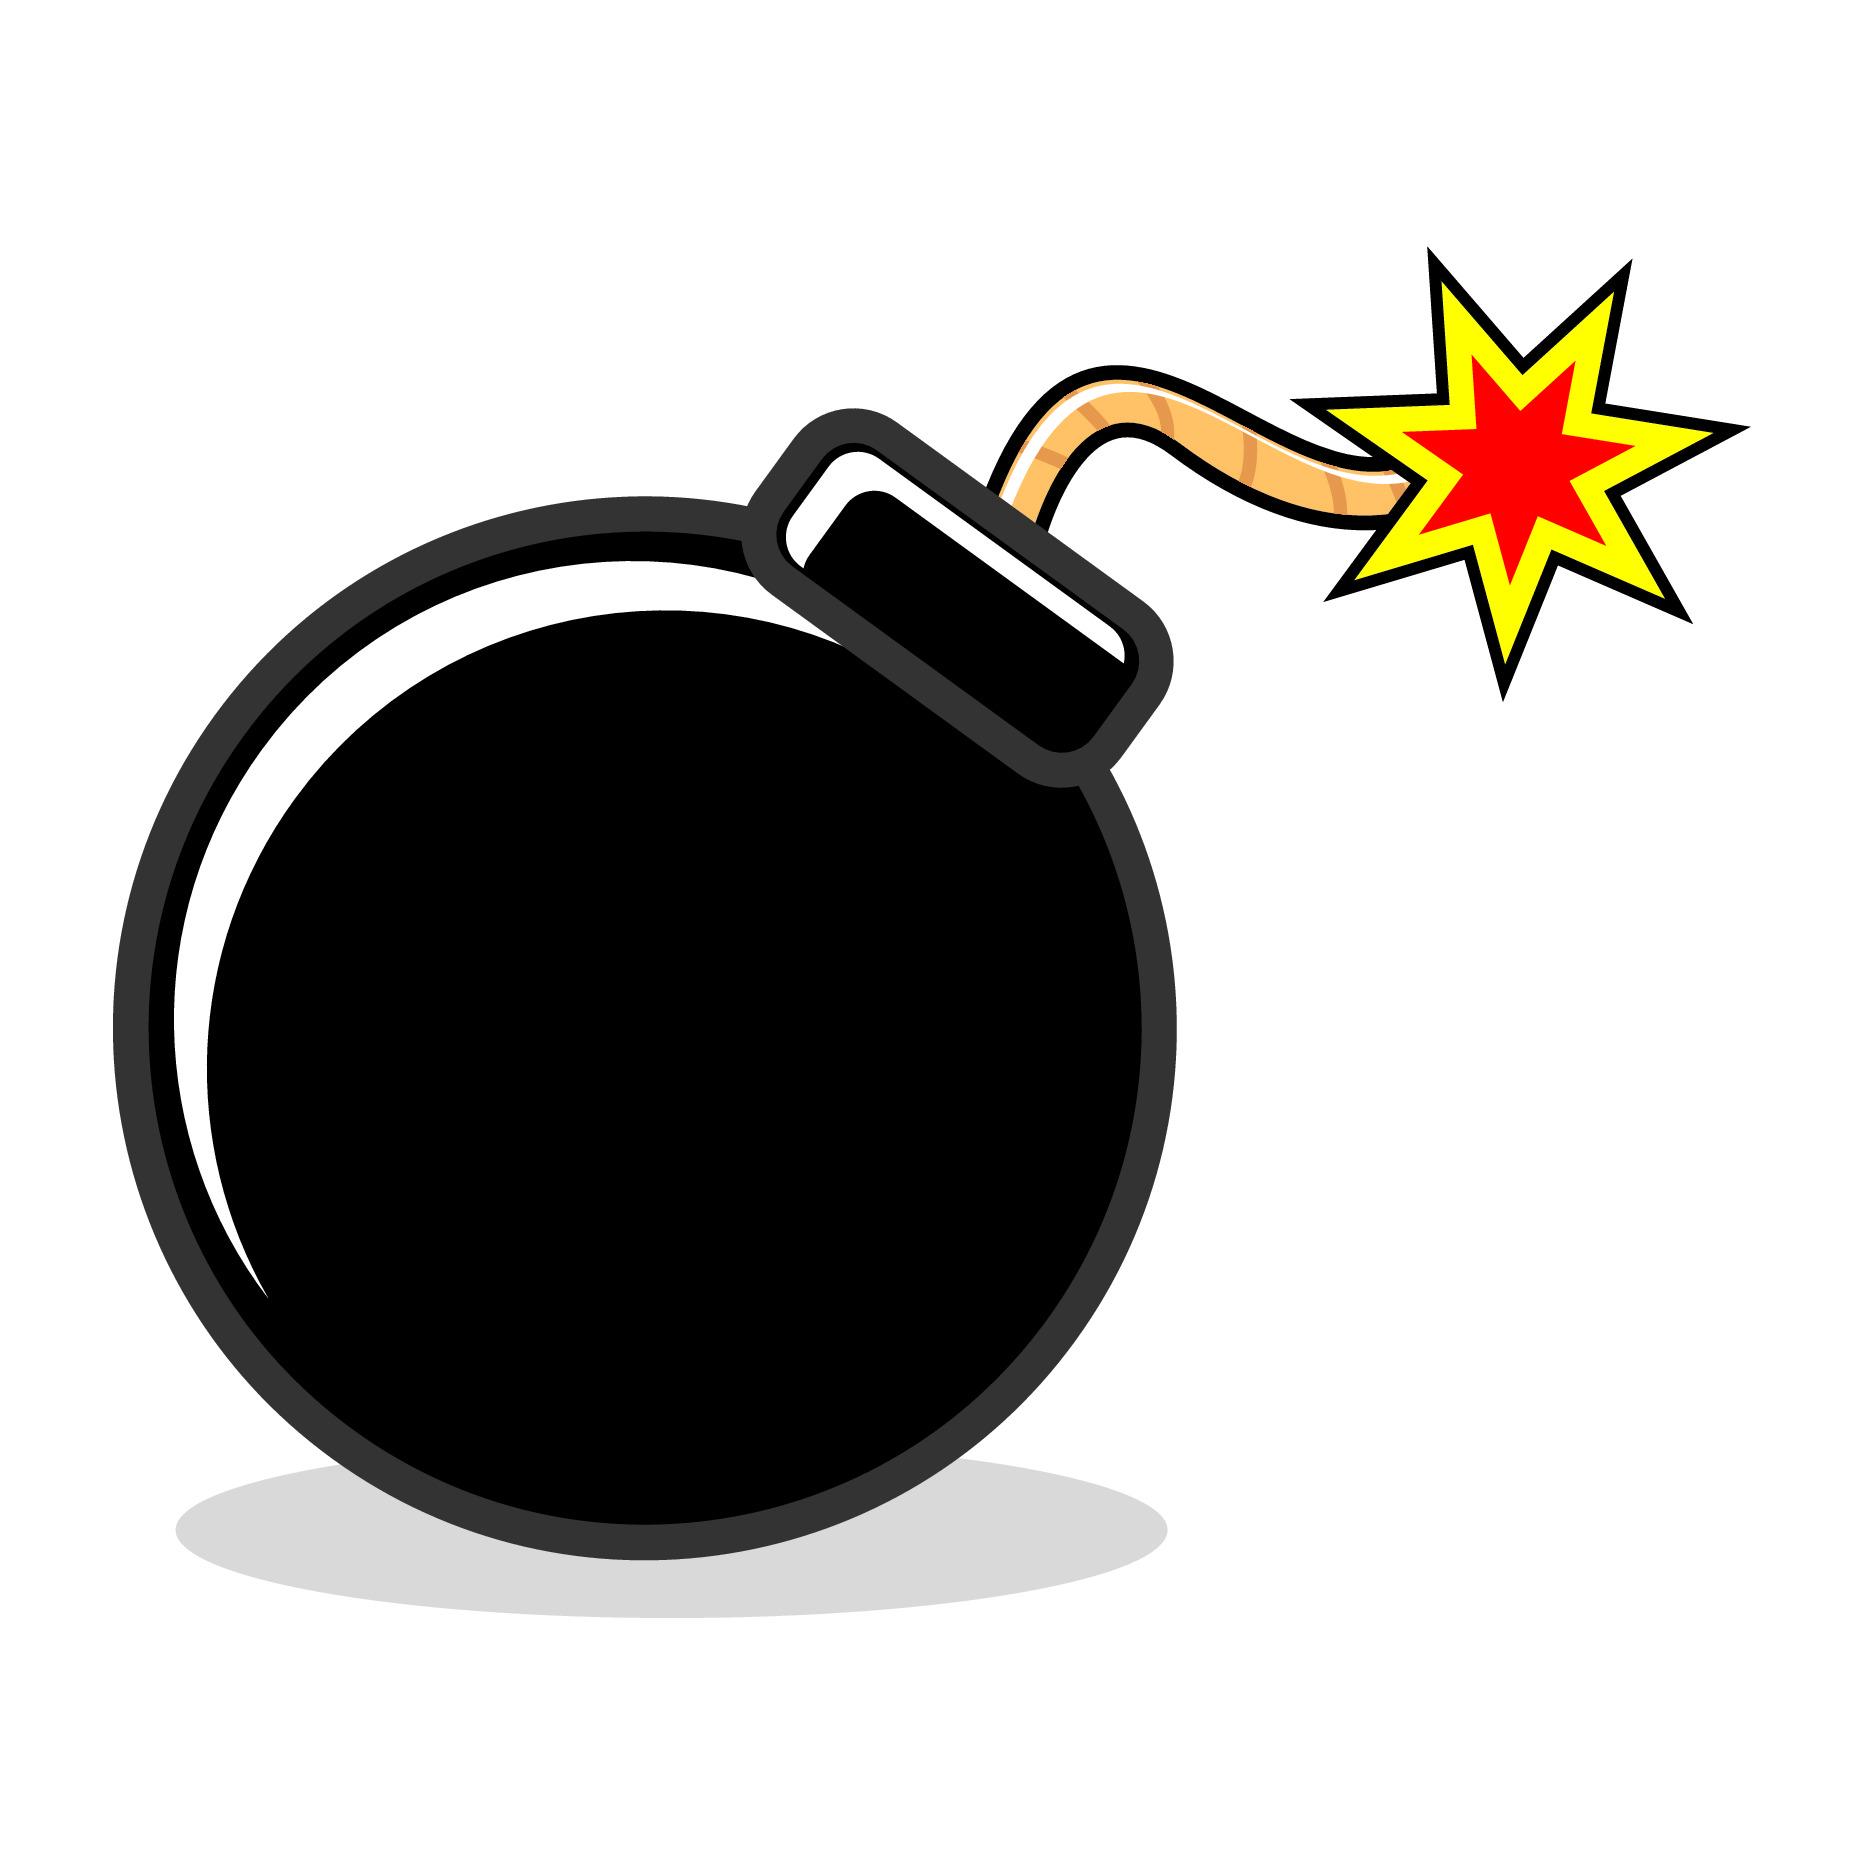 Bomb Clipart & Bomb Clip Art Images.